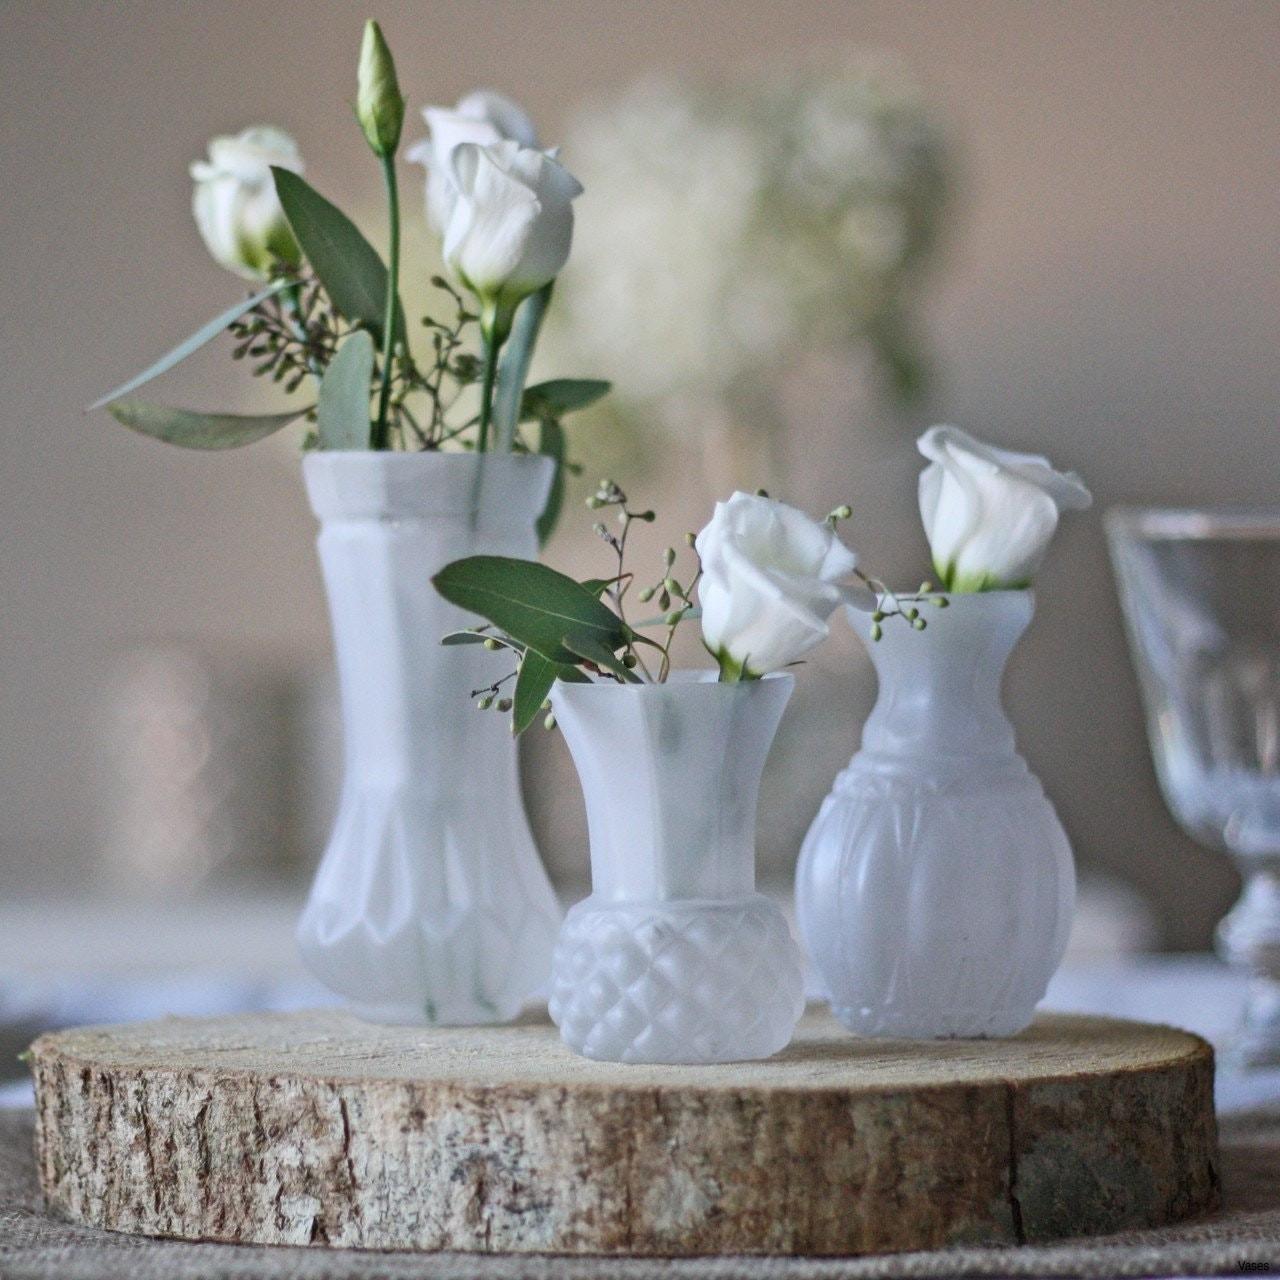 rose arrangements in vases of wedding decoration supplies best of jar flower 1h vases bud wedding with wedding decoration supplies best of jar flower 1h vases bud wedding vase centerpiece idea i 0d white